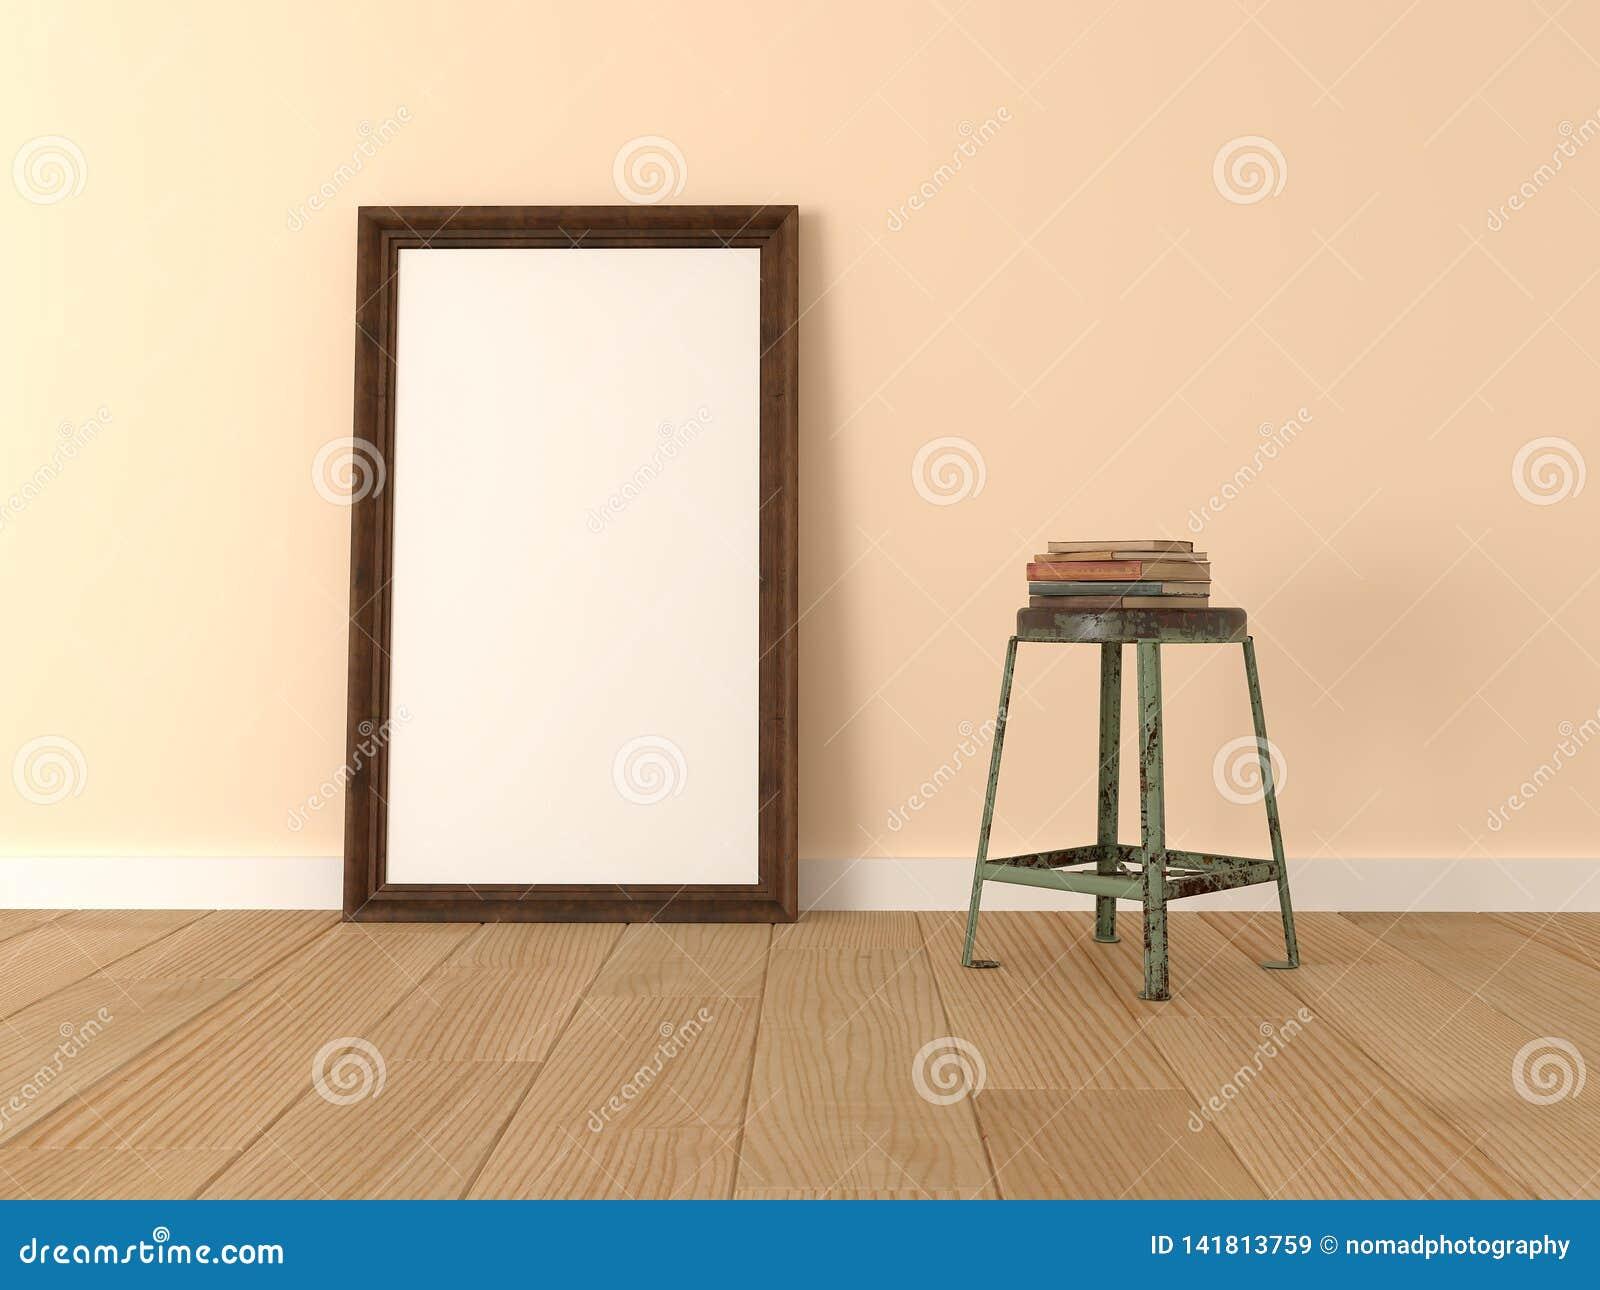 Fausse affiche haute, cadre en bois dans la chambre